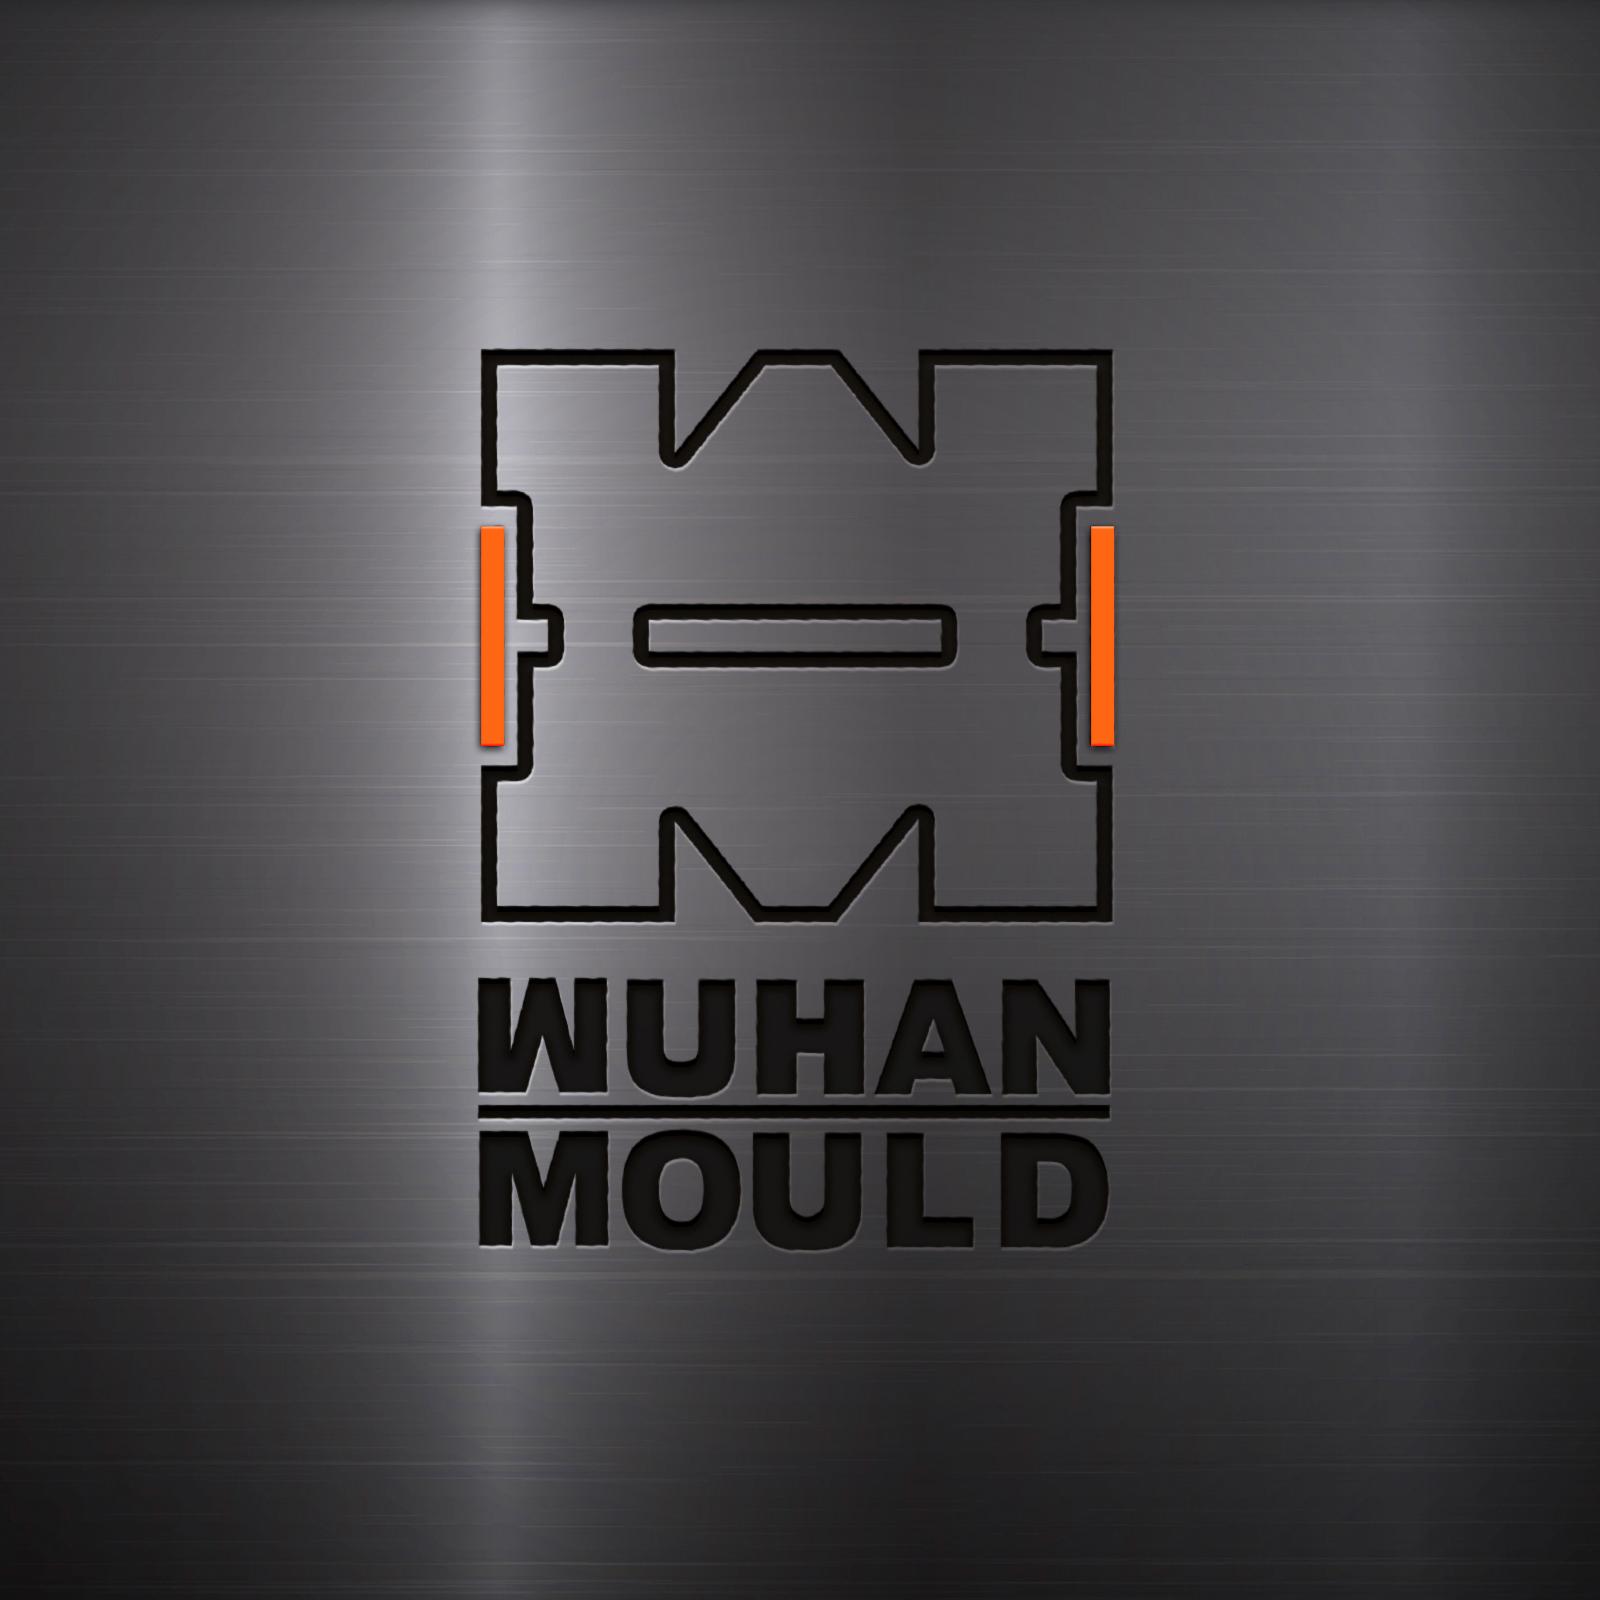 Создать логотип для фабрики пресс-форм фото f_6405998265e47de7.jpg